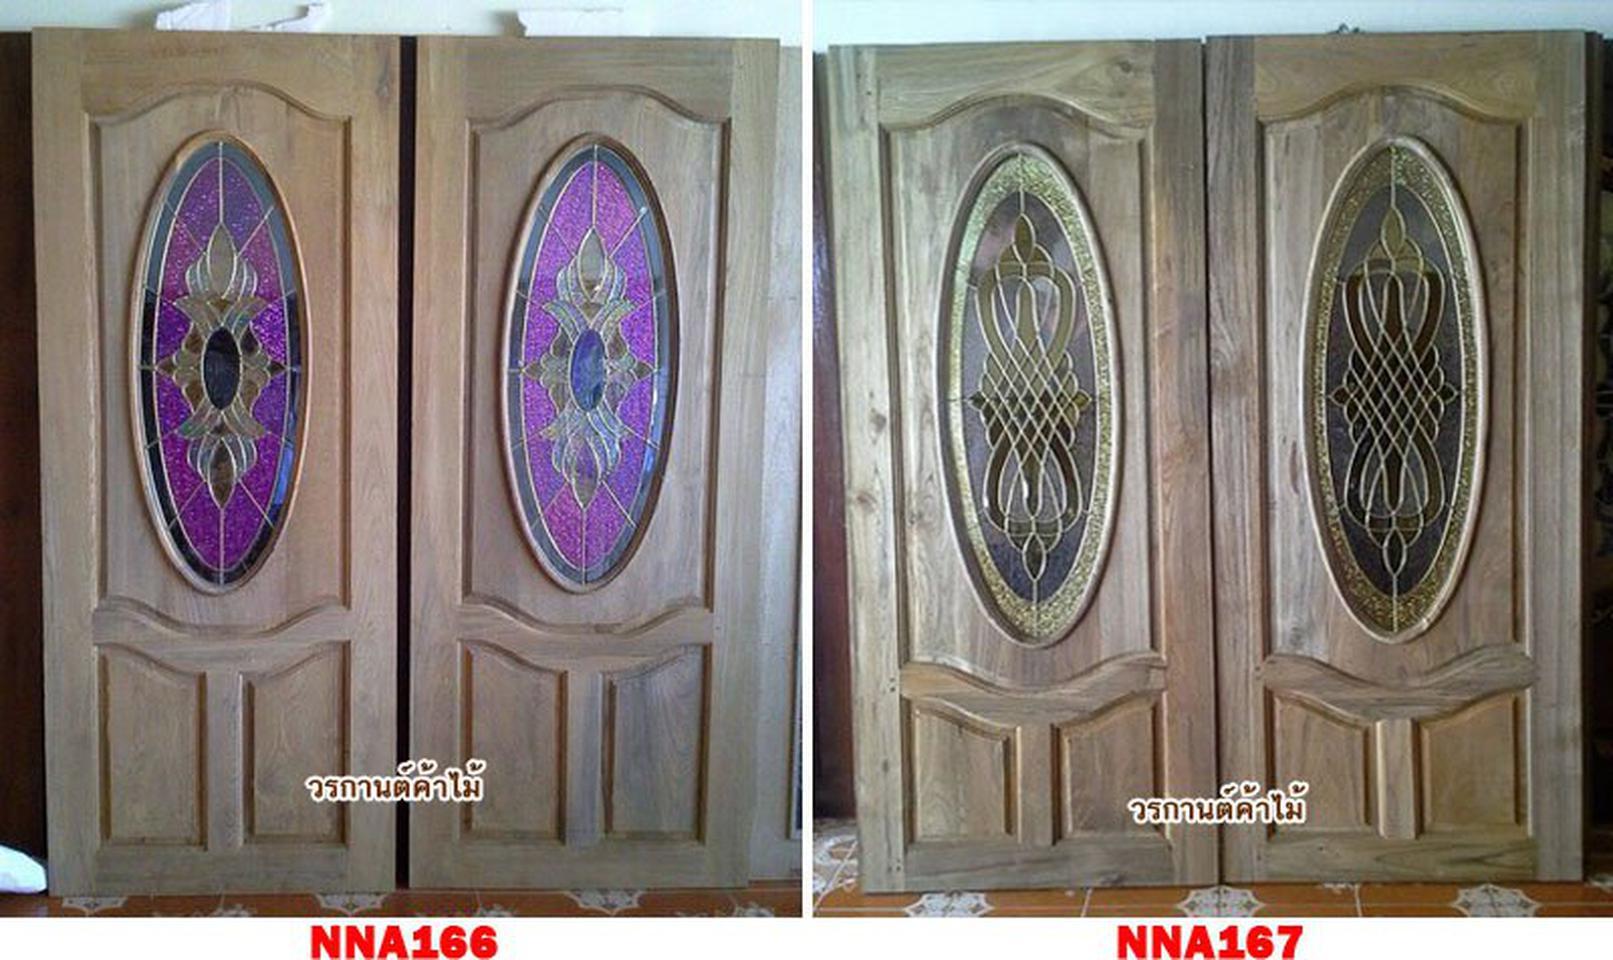 ประตูไม้สัก,ประตูไม้สักกระจกนิรภัย ไม้สักเก่า  ร้านวรกานต์ค้าไม้ door-woodhome.com รูปที่ 5